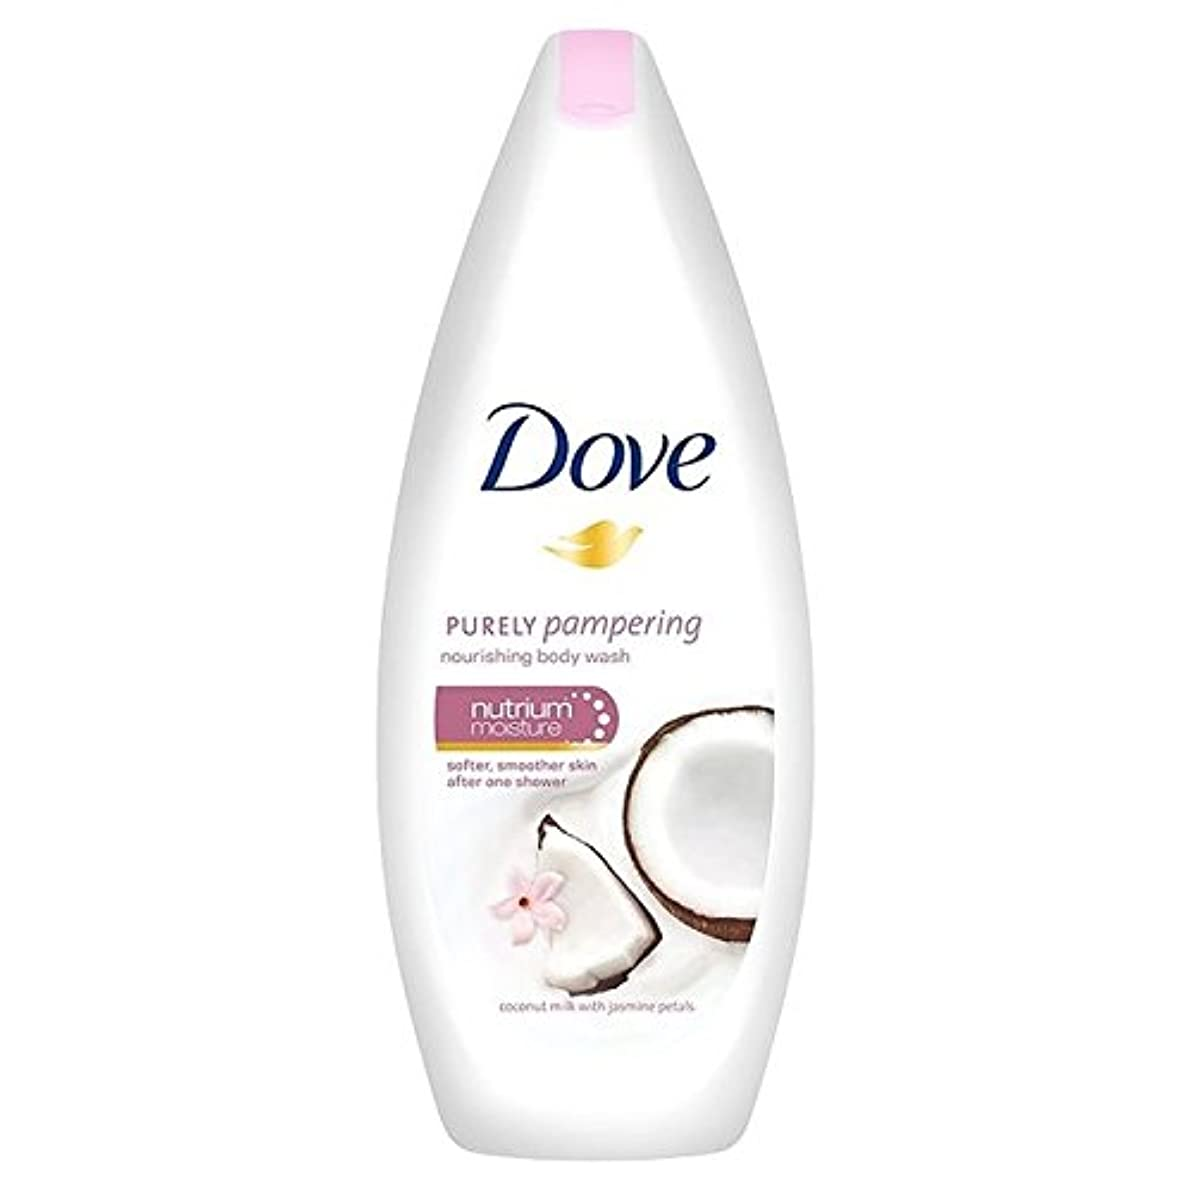 リーダーシップ基礎理論恐れる鳩純粋に甘やかすココナッツボディウォッシュ250ミリリットル x2 - Dove Purely Pampering Coconut Body Wash 250ml (Pack of 2) [並行輸入品]